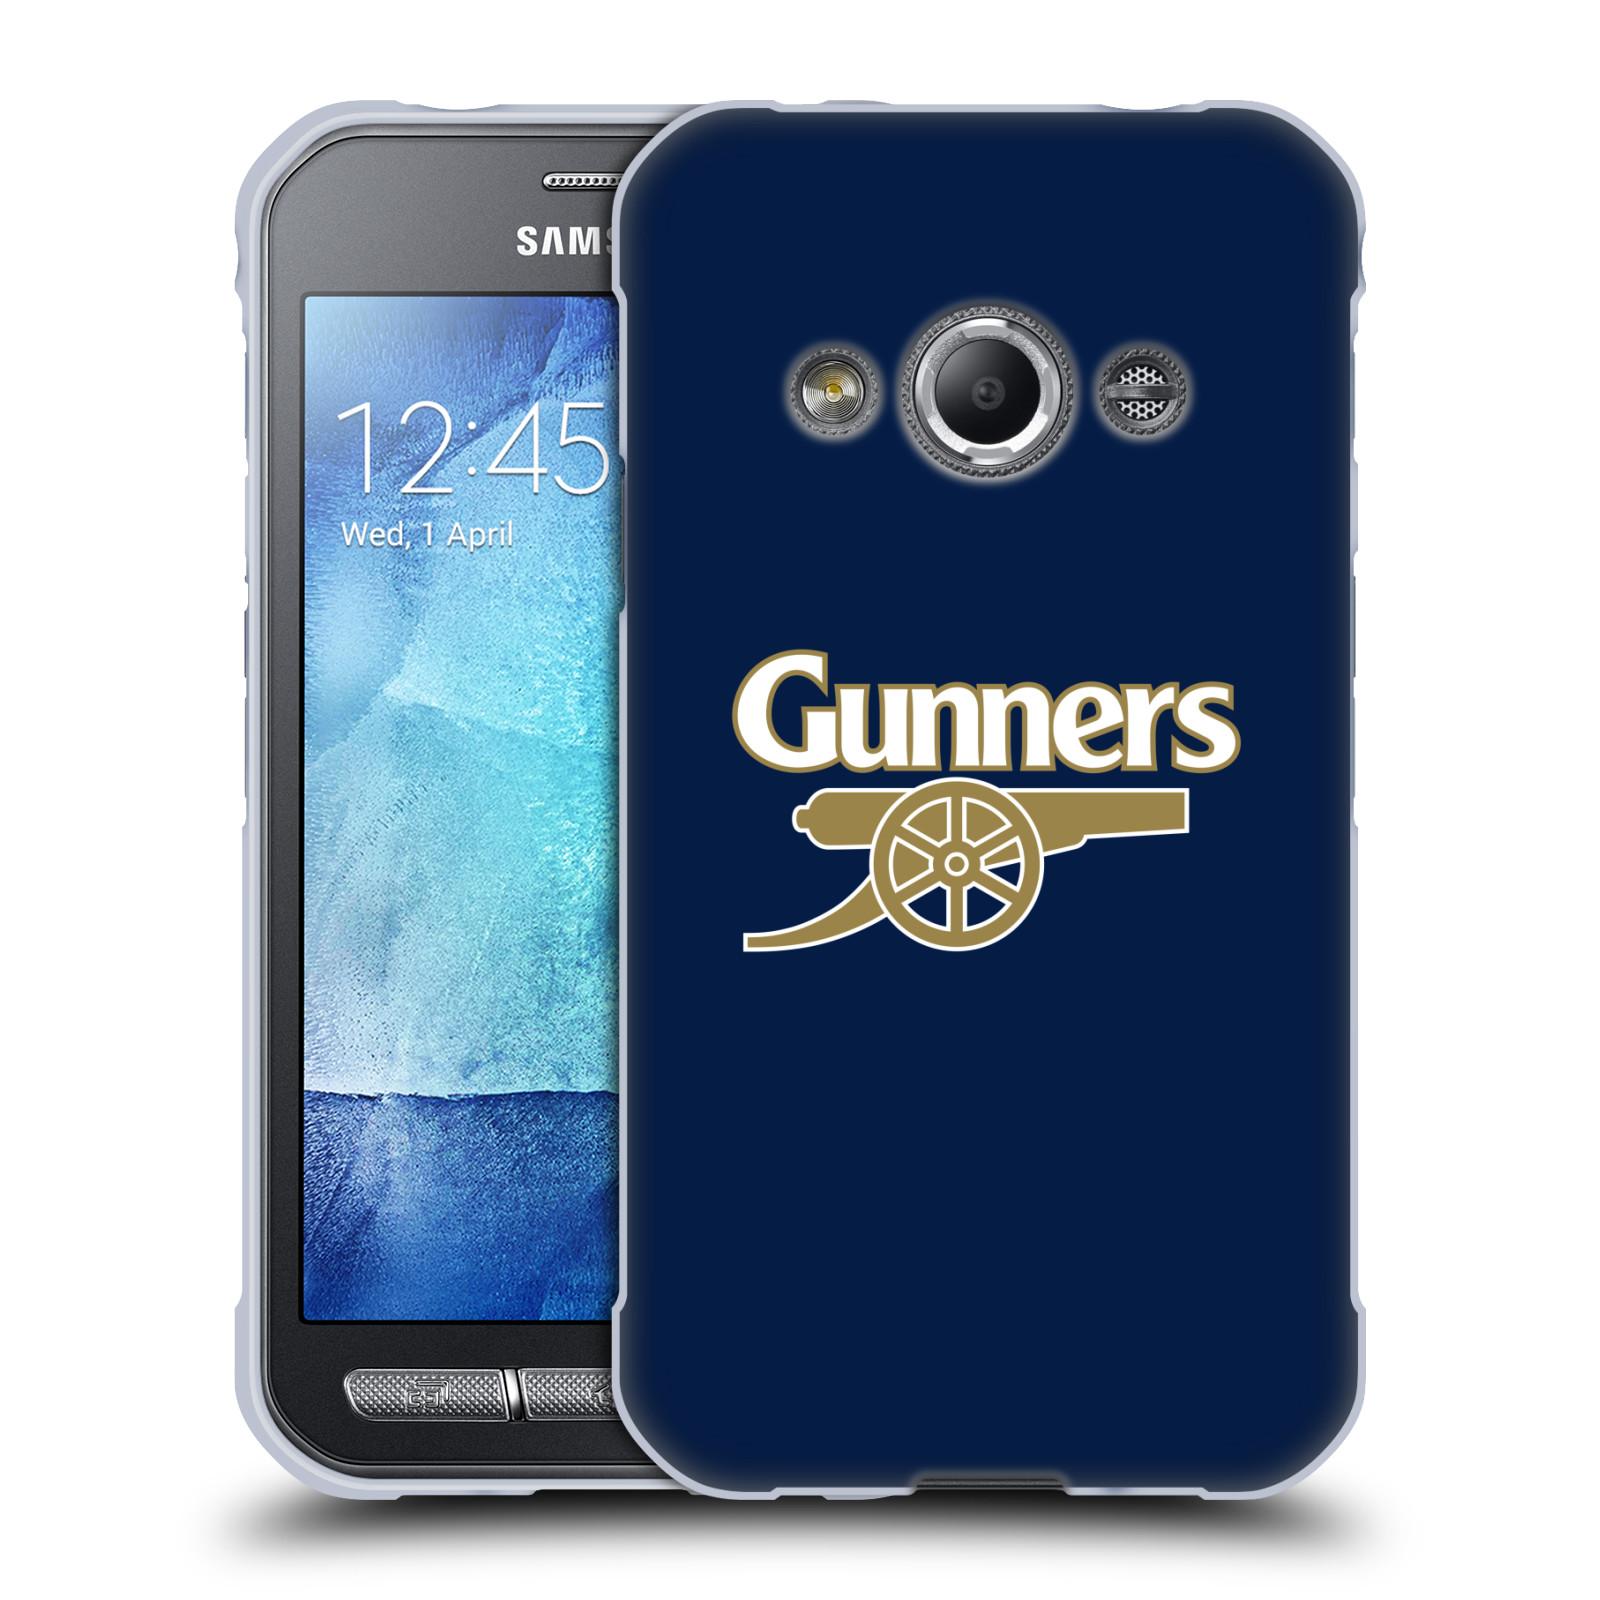 Silikonové pouzdro na mobil Samsung Galaxy Xcover 3 - Head Case - Arsenal FC - Gunners